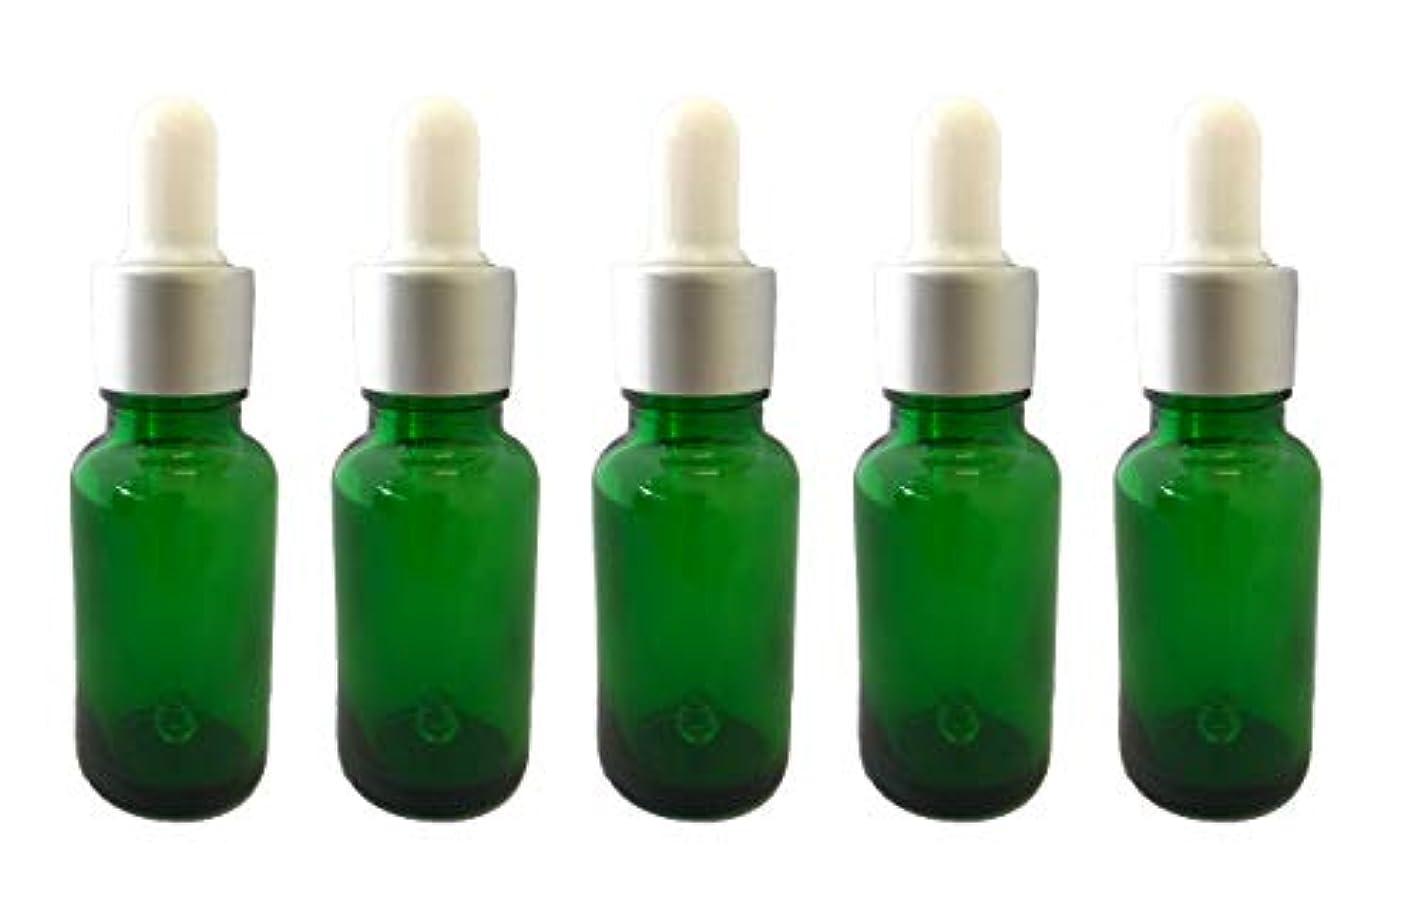 眠いですボア習熟度(m-stone)遮光瓶 アロマオイル エッセンシャルオイル 精油 保存用 ガラス ボトル スポイト付き 5本セット 20ml